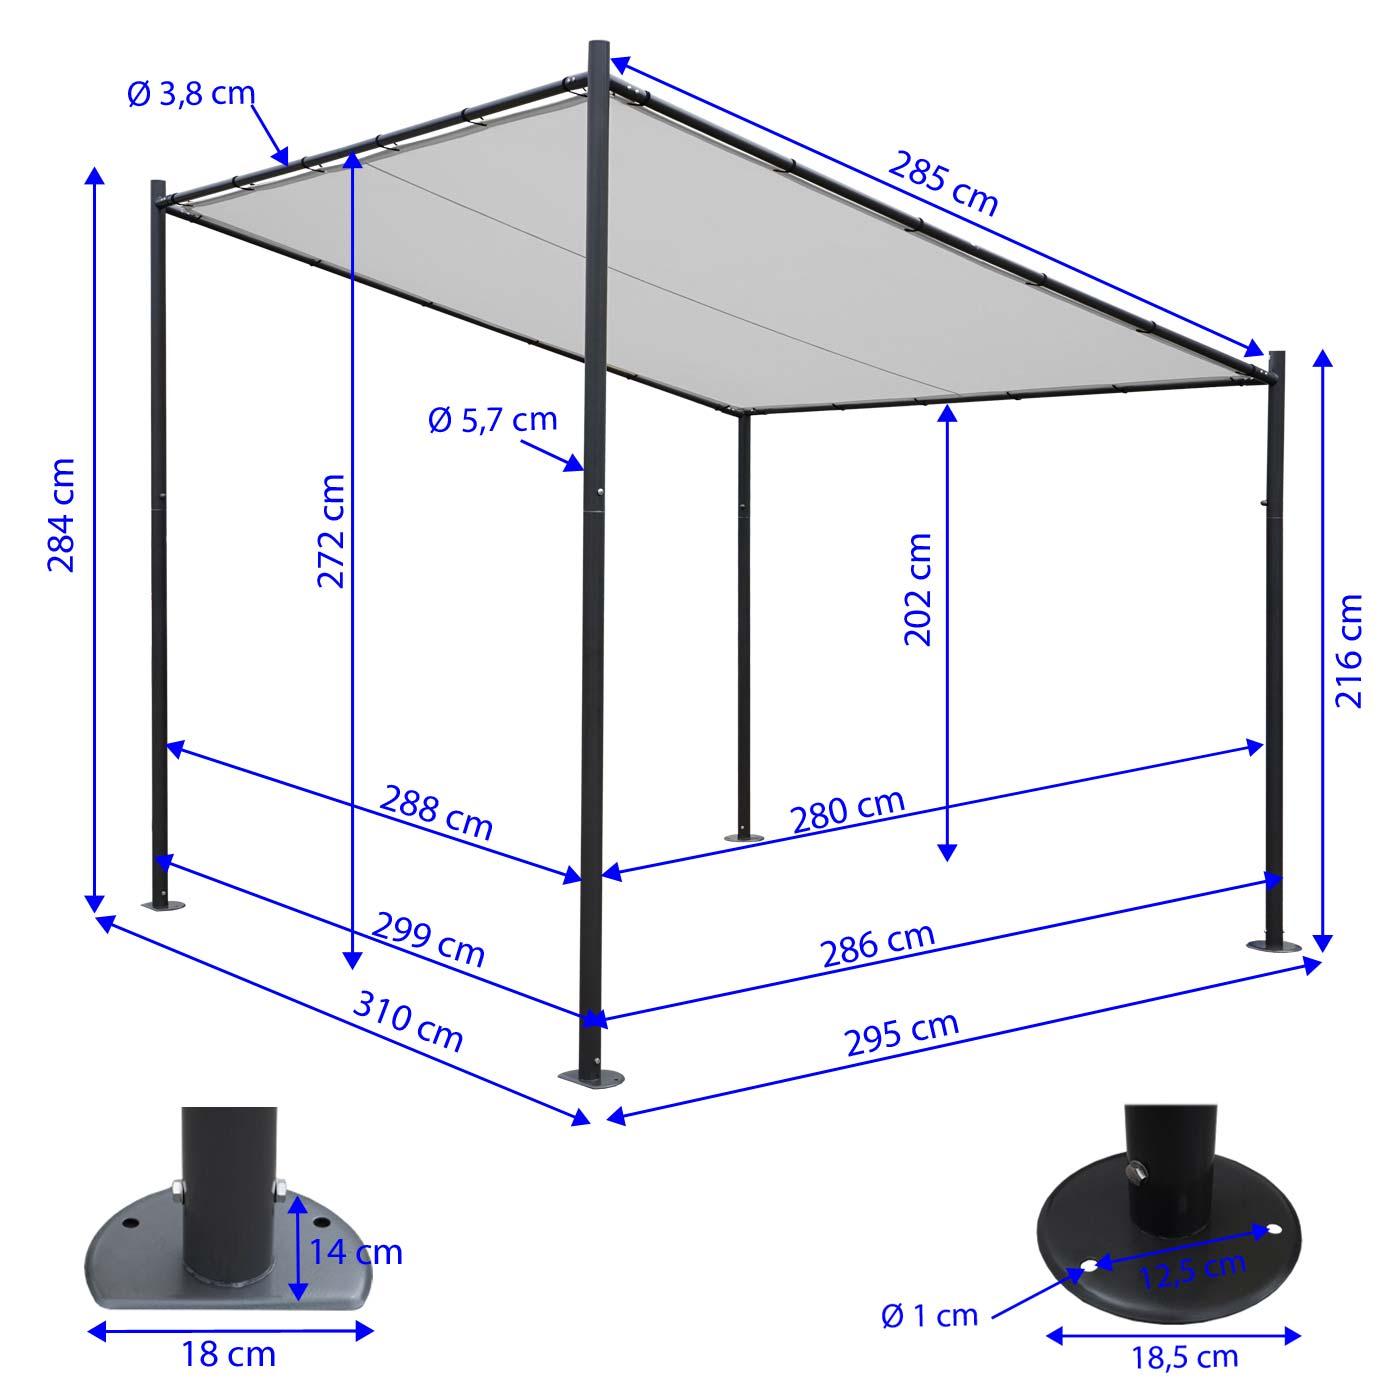 Pergola HWC-A22 Bemaßungsbild